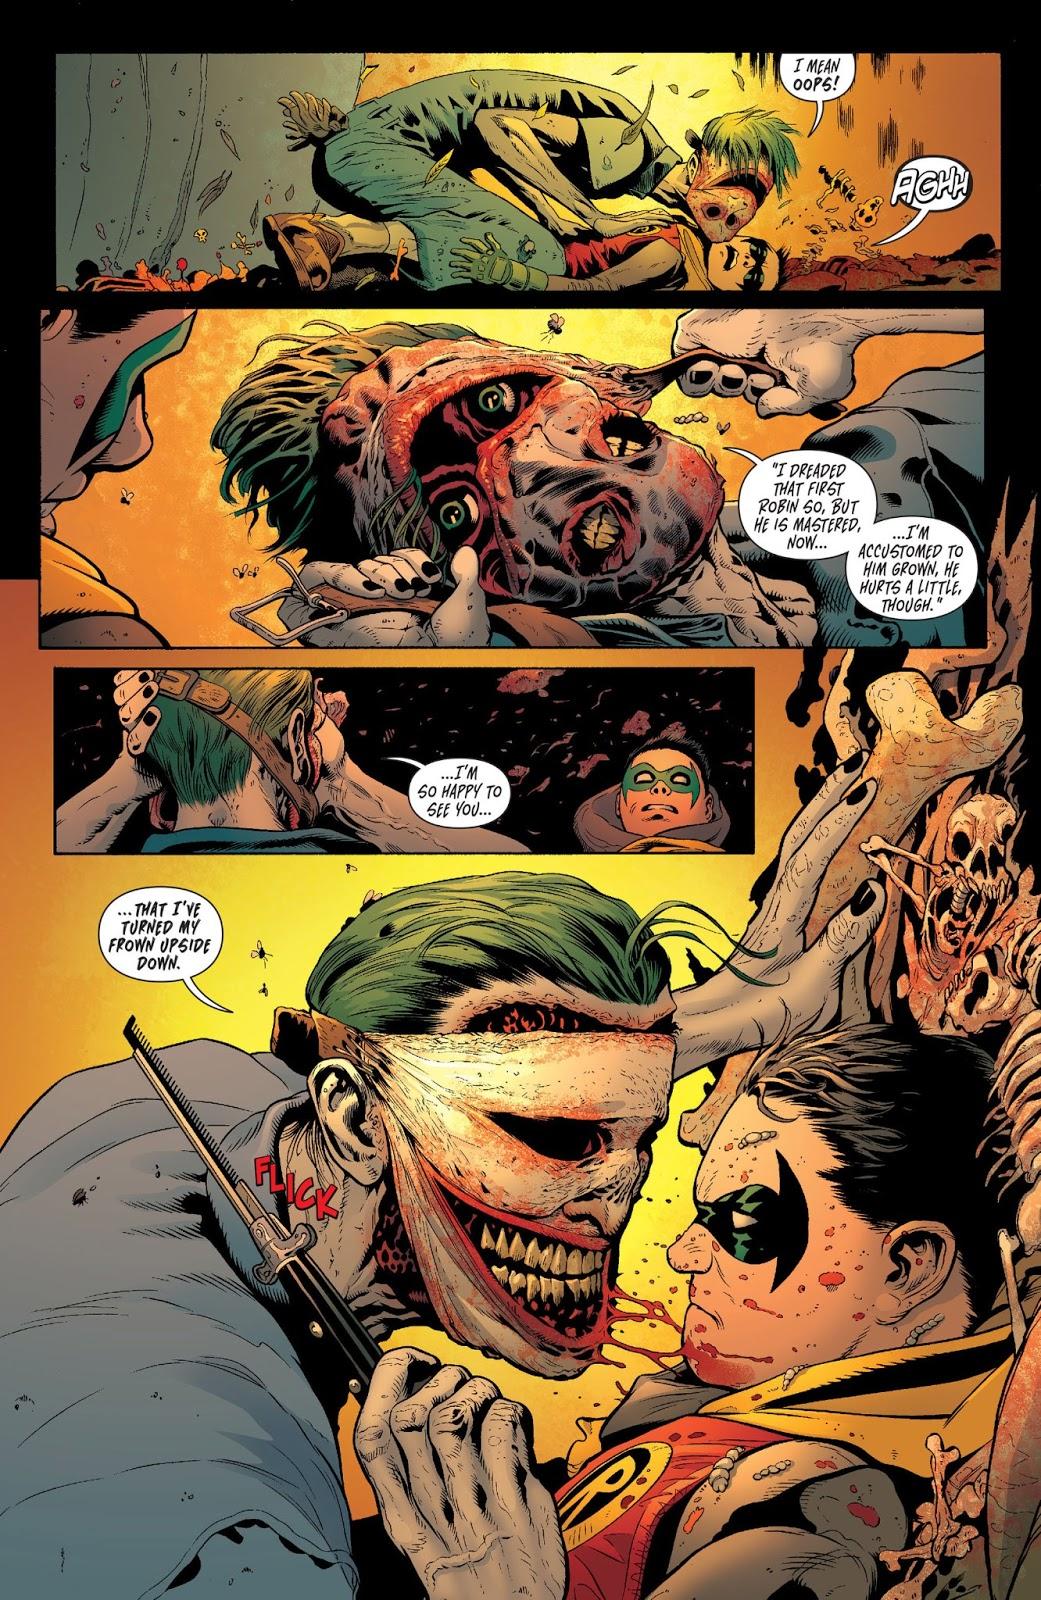 Dollmaker Joker Face | galleryhip.com - The Hippest Galleries!